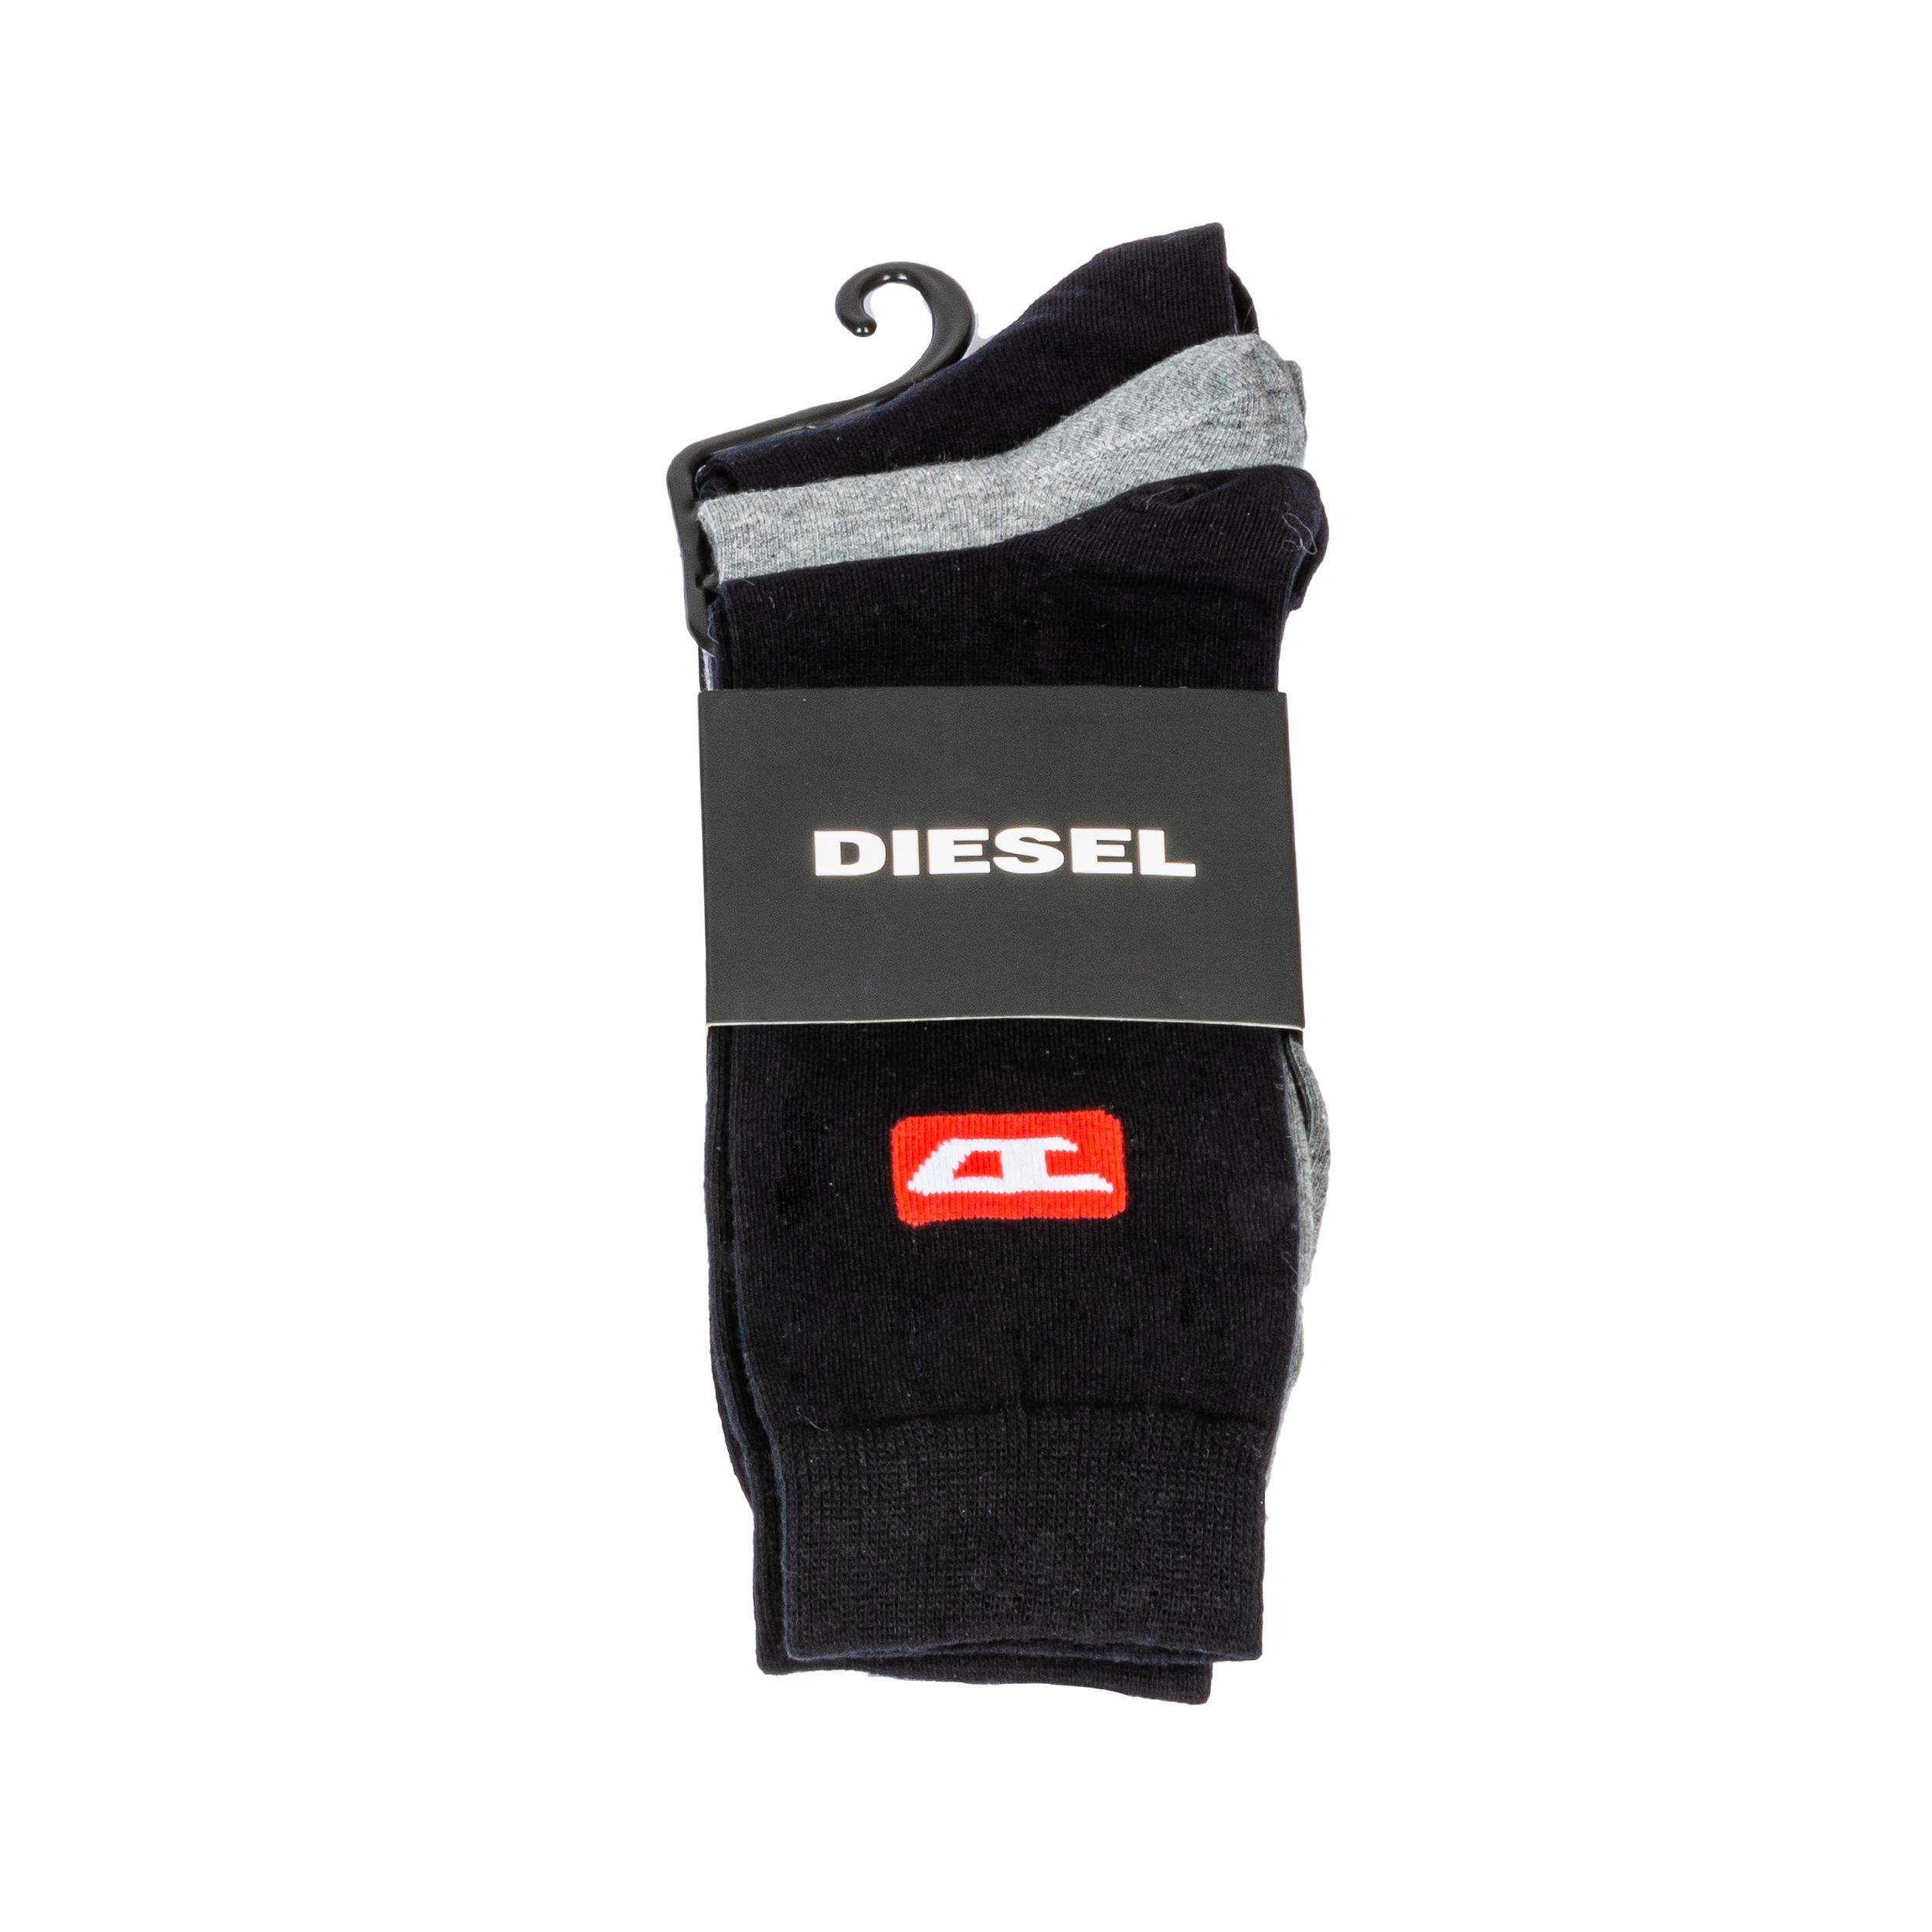 Lot de 3 paires de chaussettes diesel ray en coton mélangé noires et gris chiné à liserés rouges